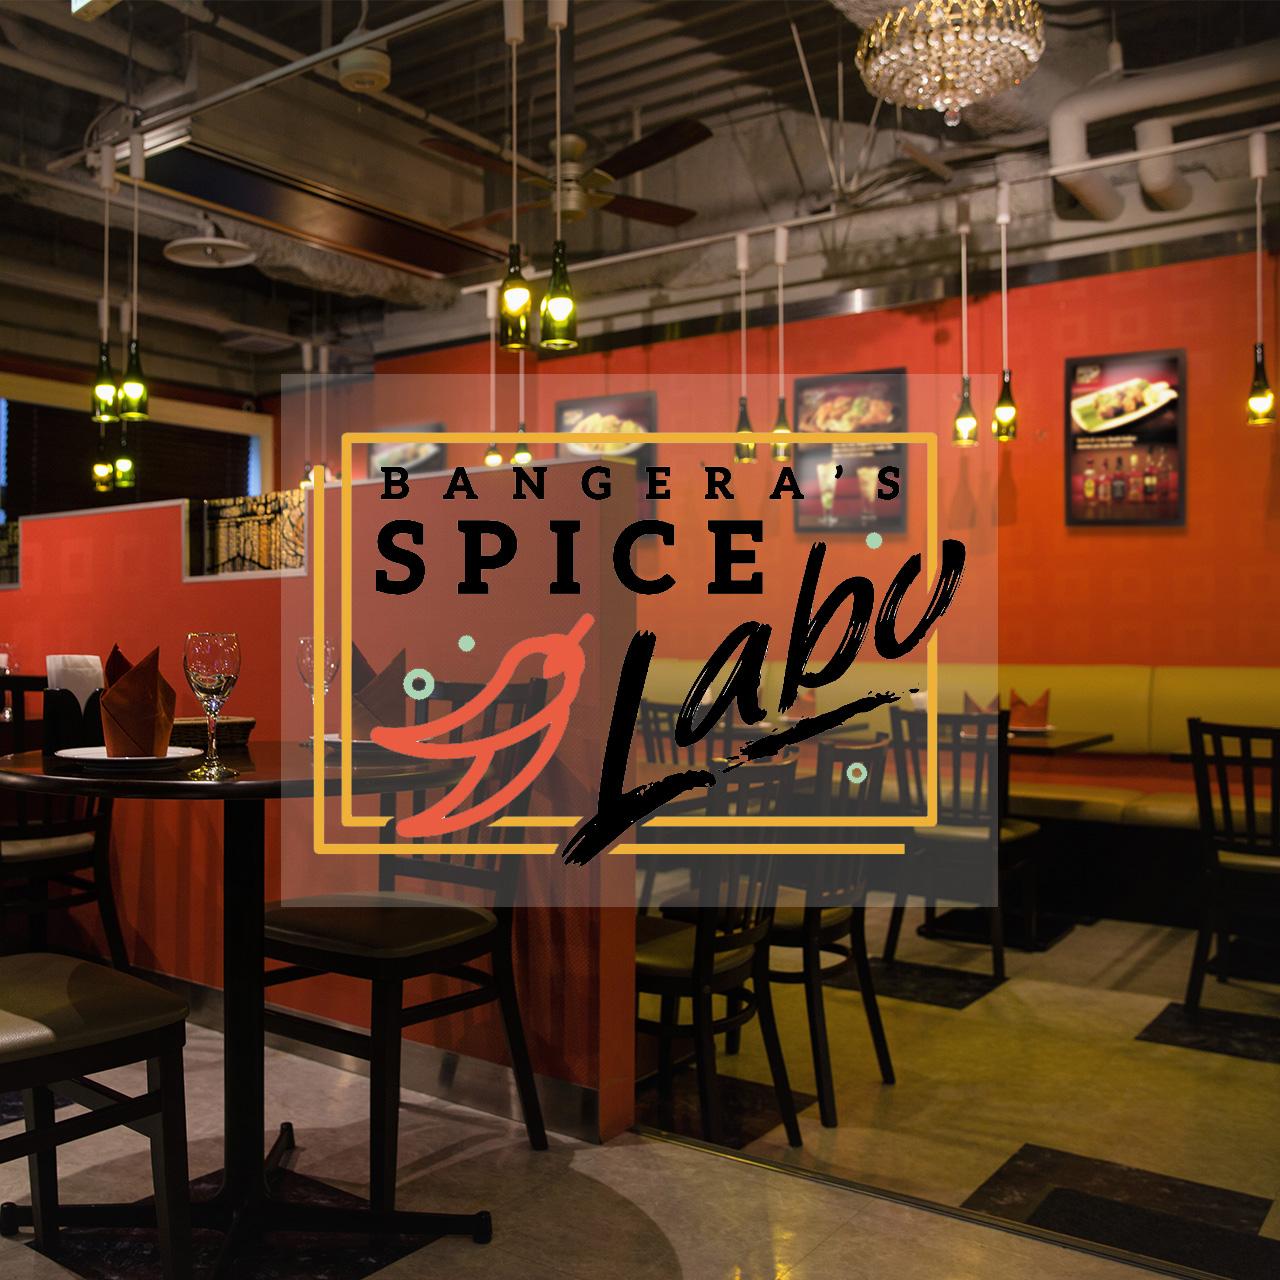 Bangera's Group | Bangera's Spice Labo